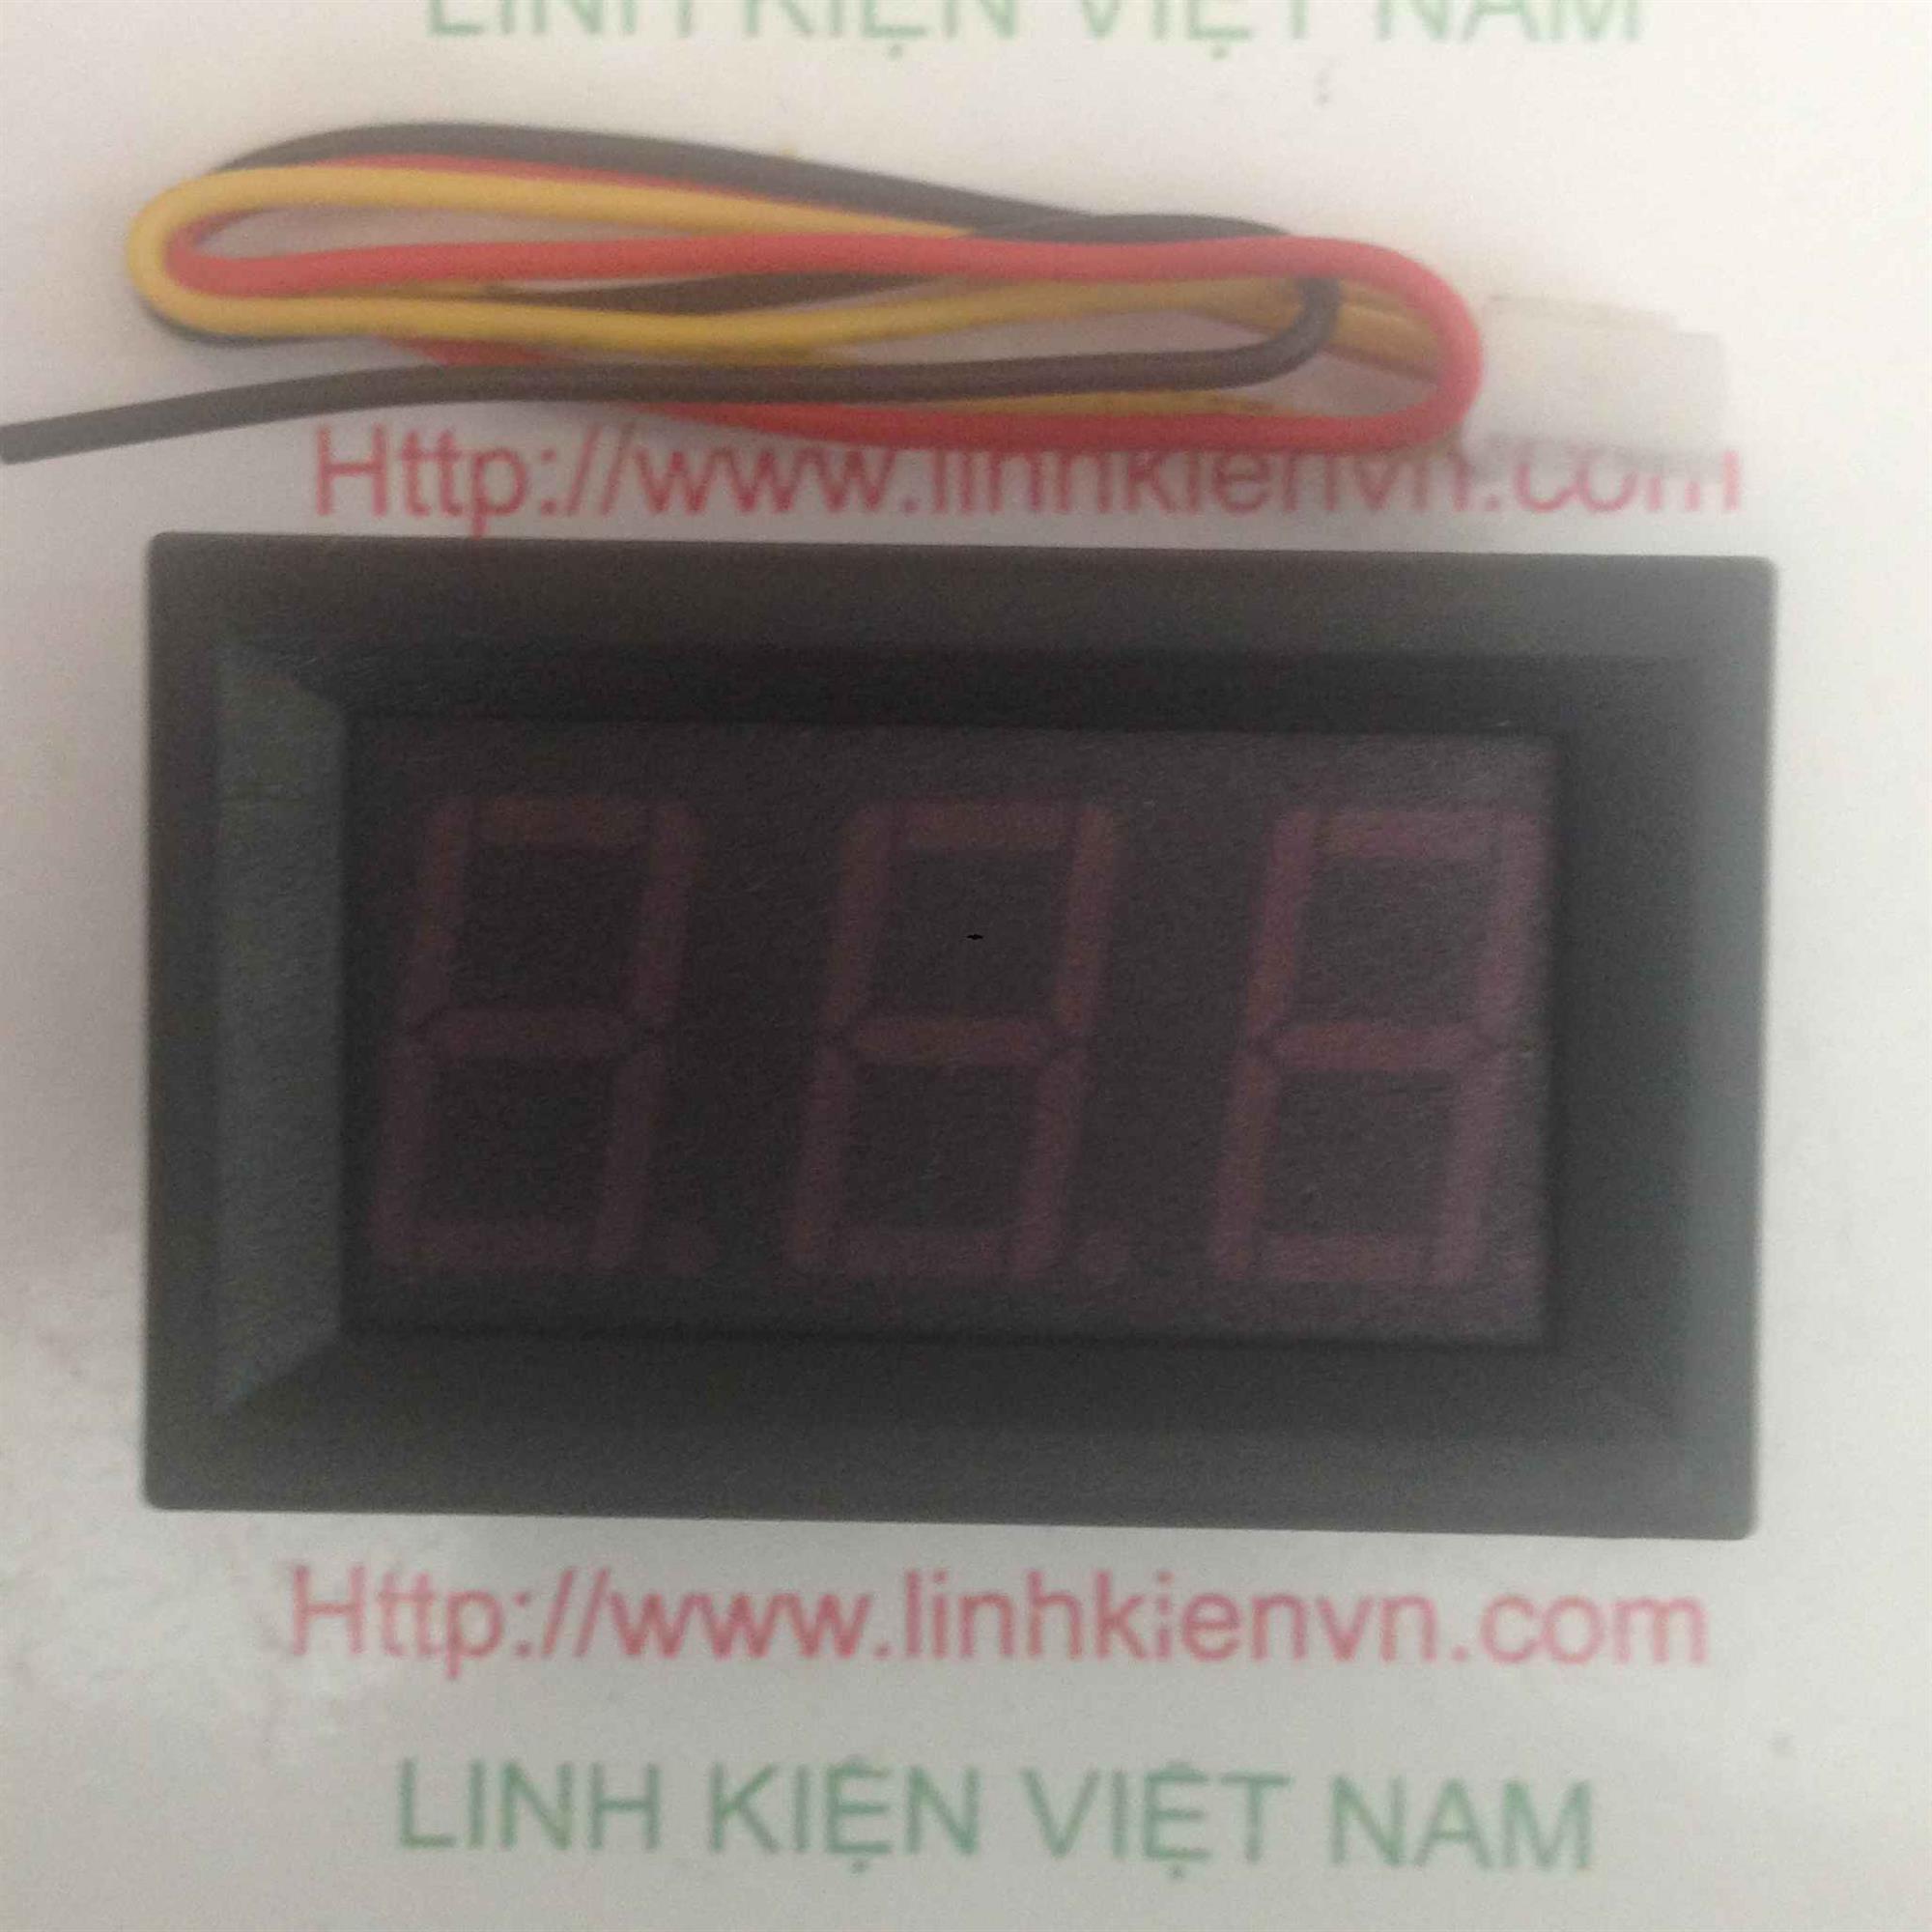 Module Đo Hiển Thị Điện Áp 0-100V - B1H4